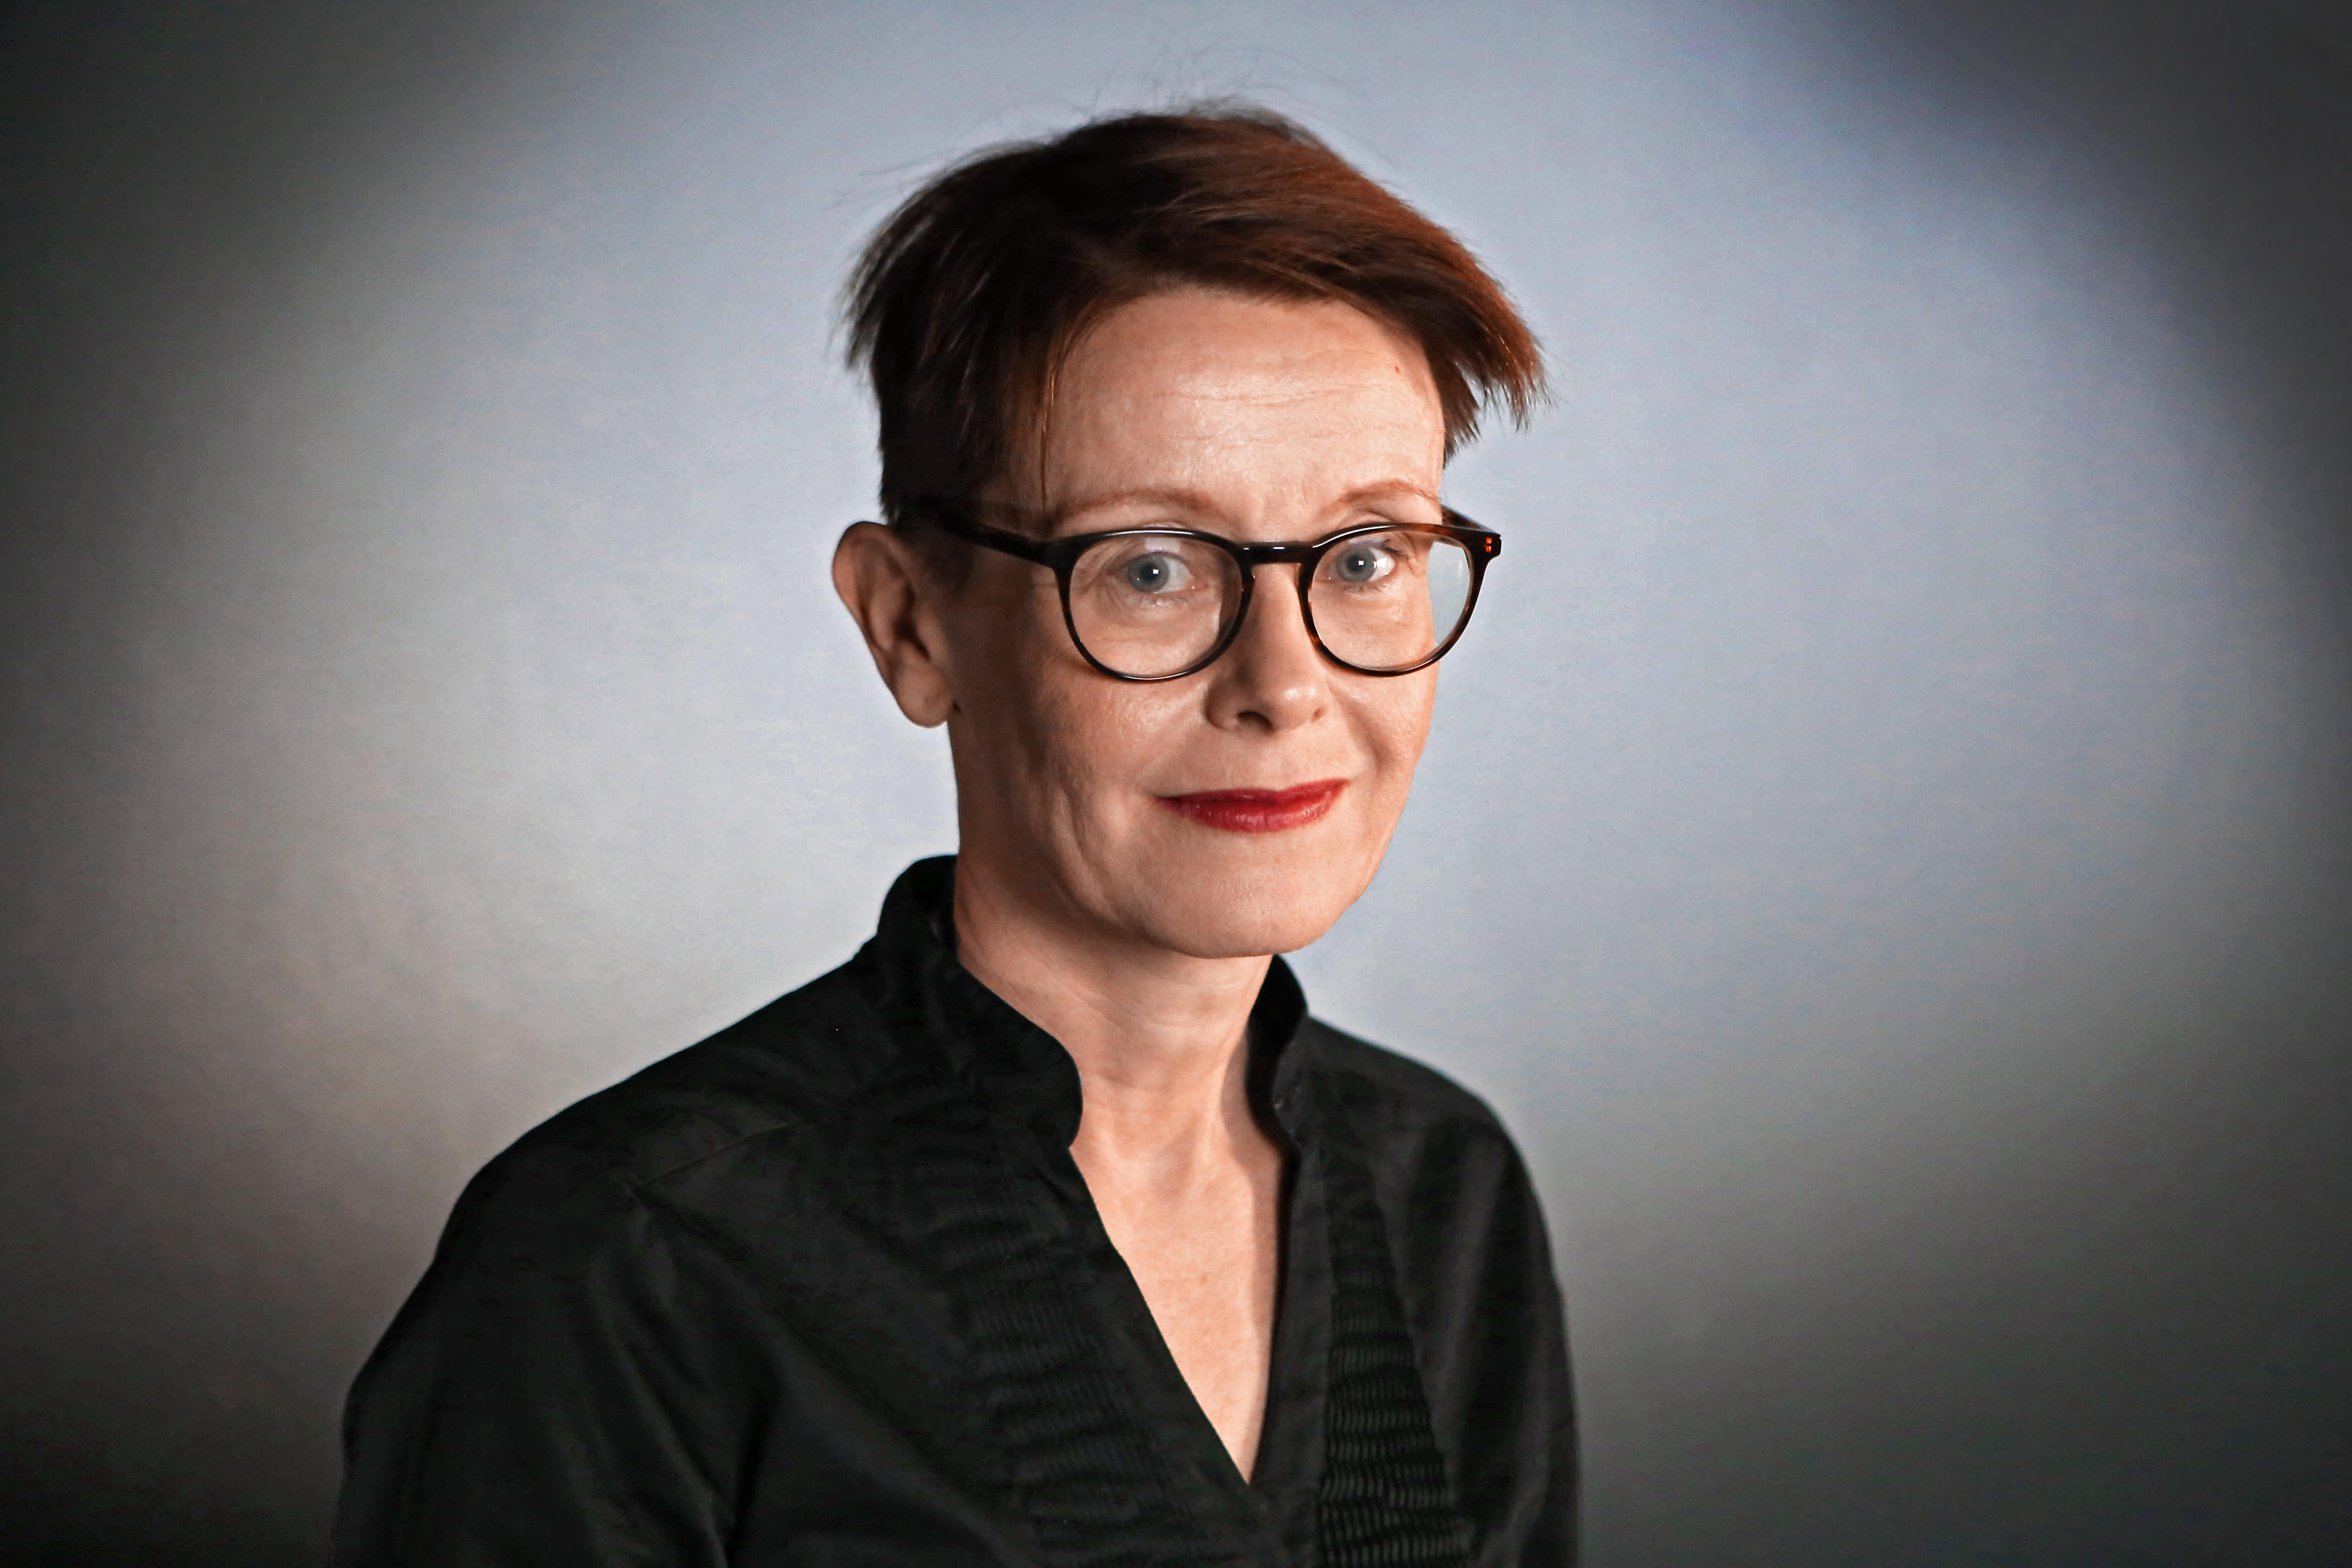 Tietokirjailija Asta Leppä poseeraa kameralle.